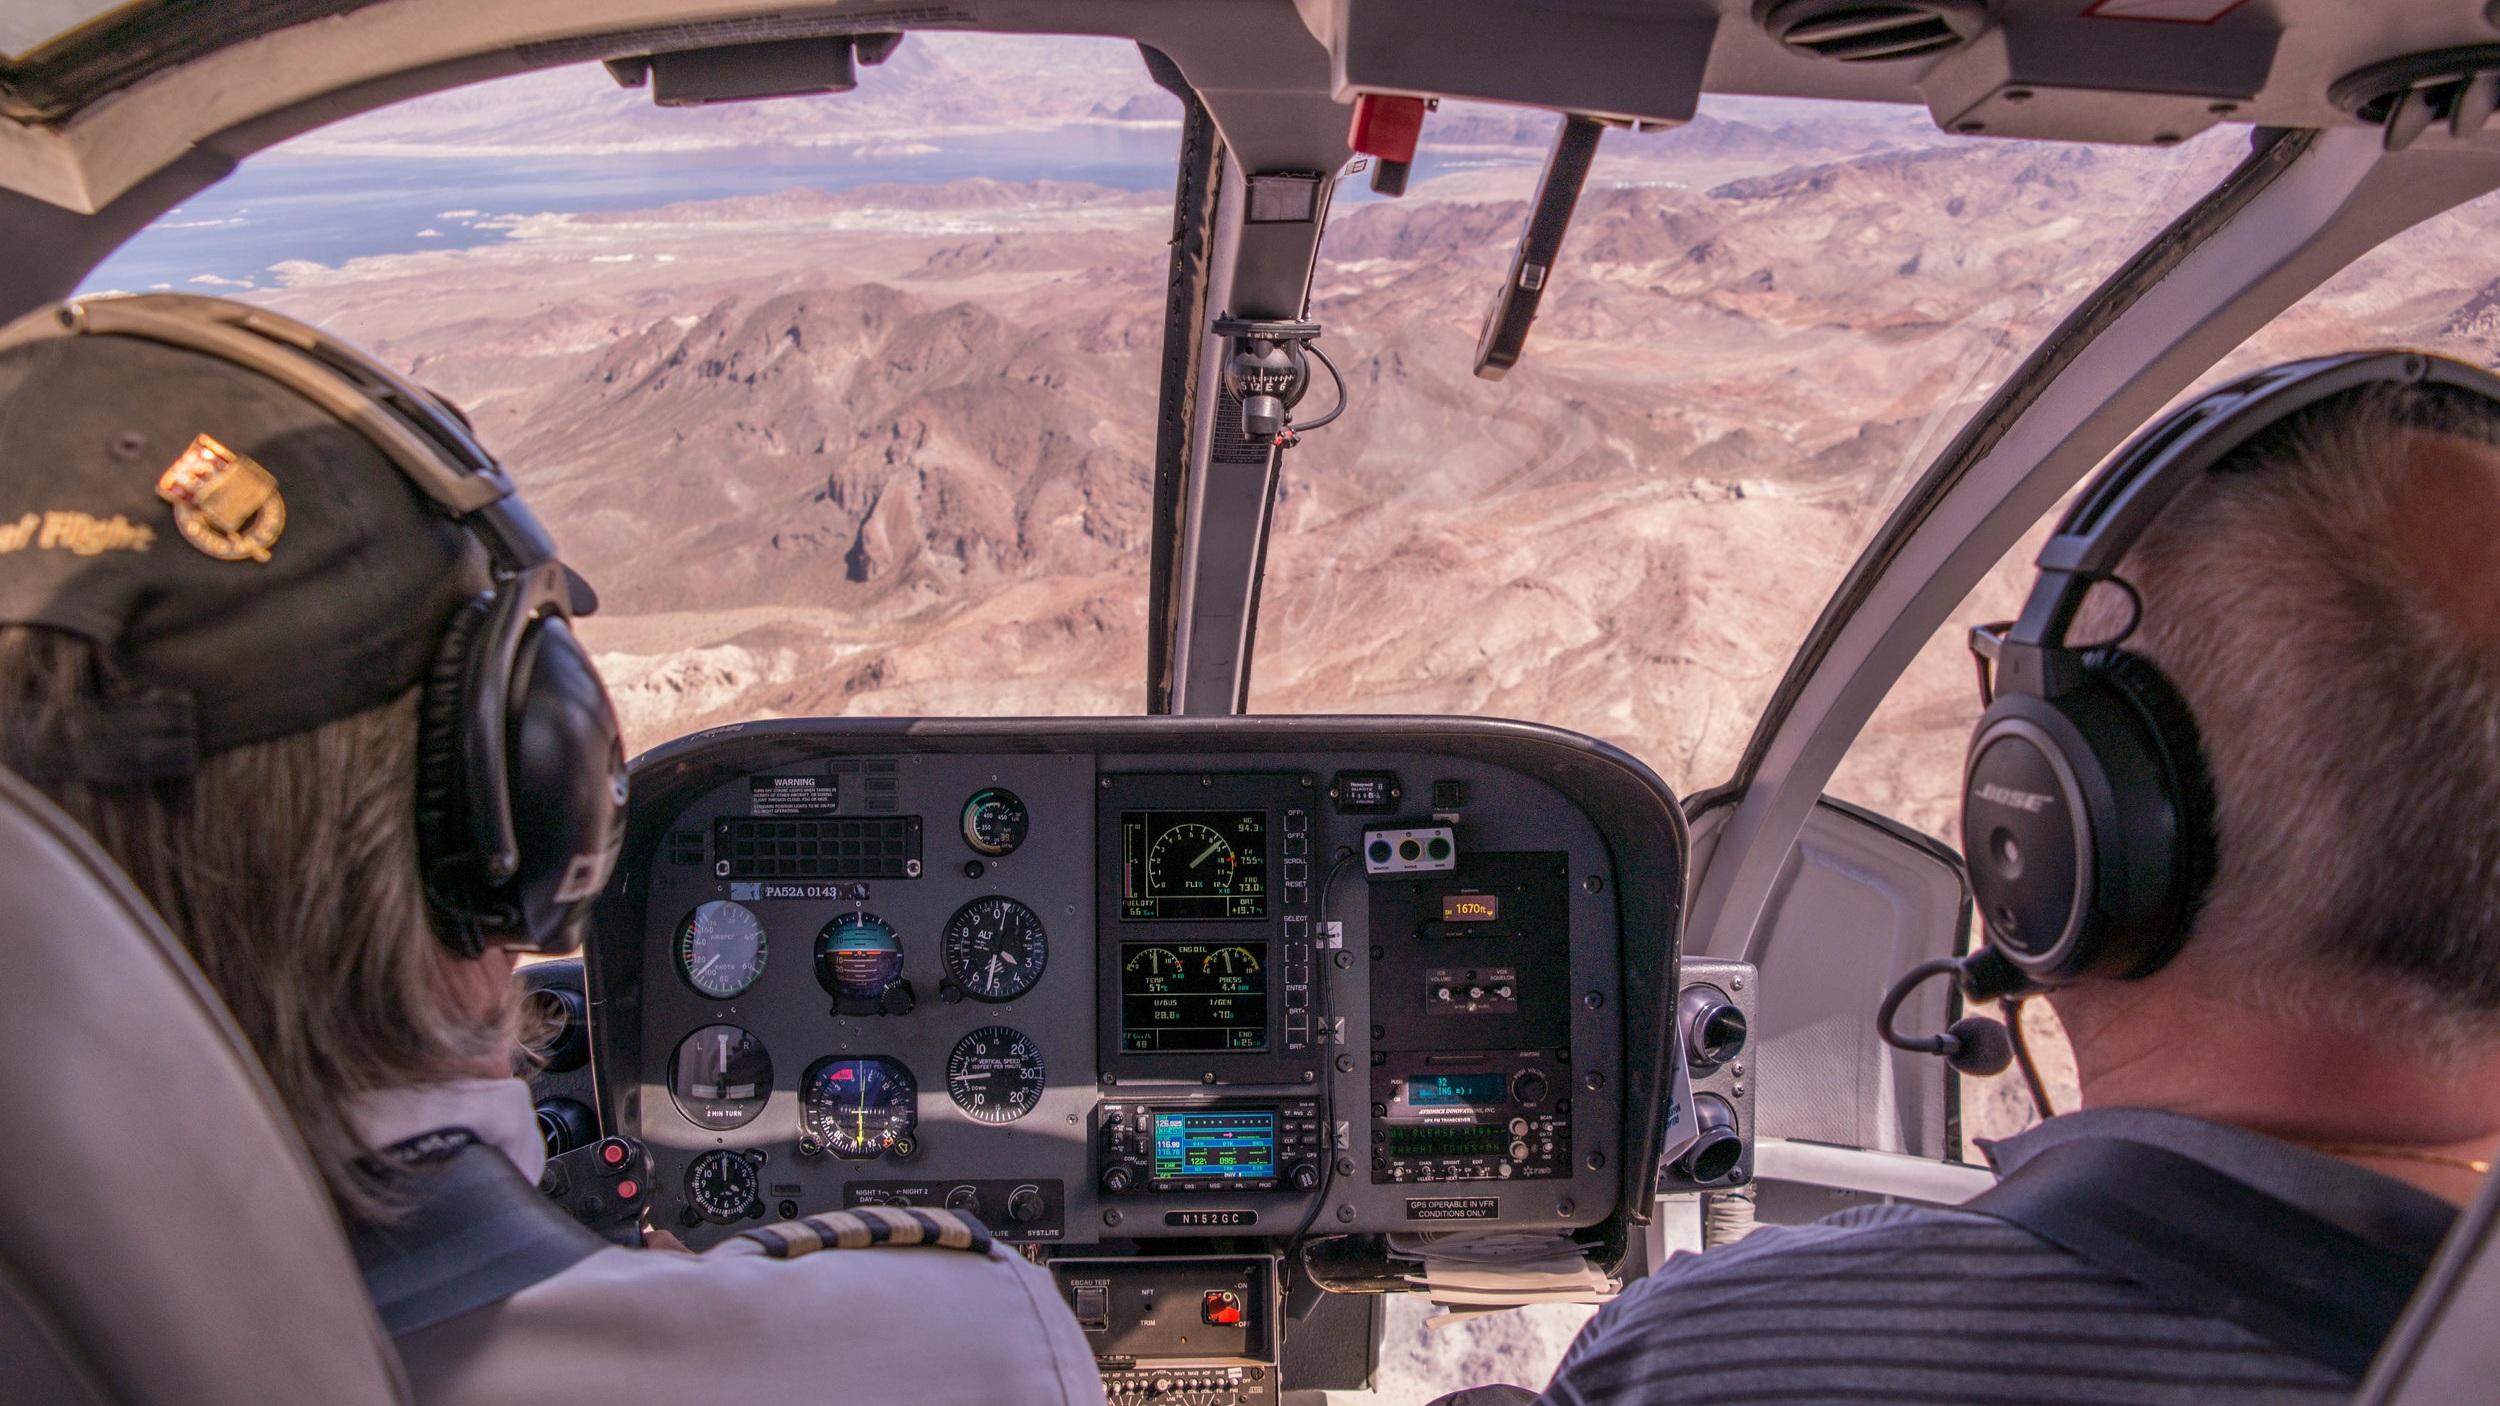 Grand Canyon med helikopter - En upplevelse du sent lär glömma. Från ovan i en lyxig helikopter får du ta del av förbluffande vackra Grand Canyon, Hoover-dammen och sjön Lake Mead. Höjdpunkten på utflykten är du tas ner i Grand Canyons gap för oförglömlig vy.